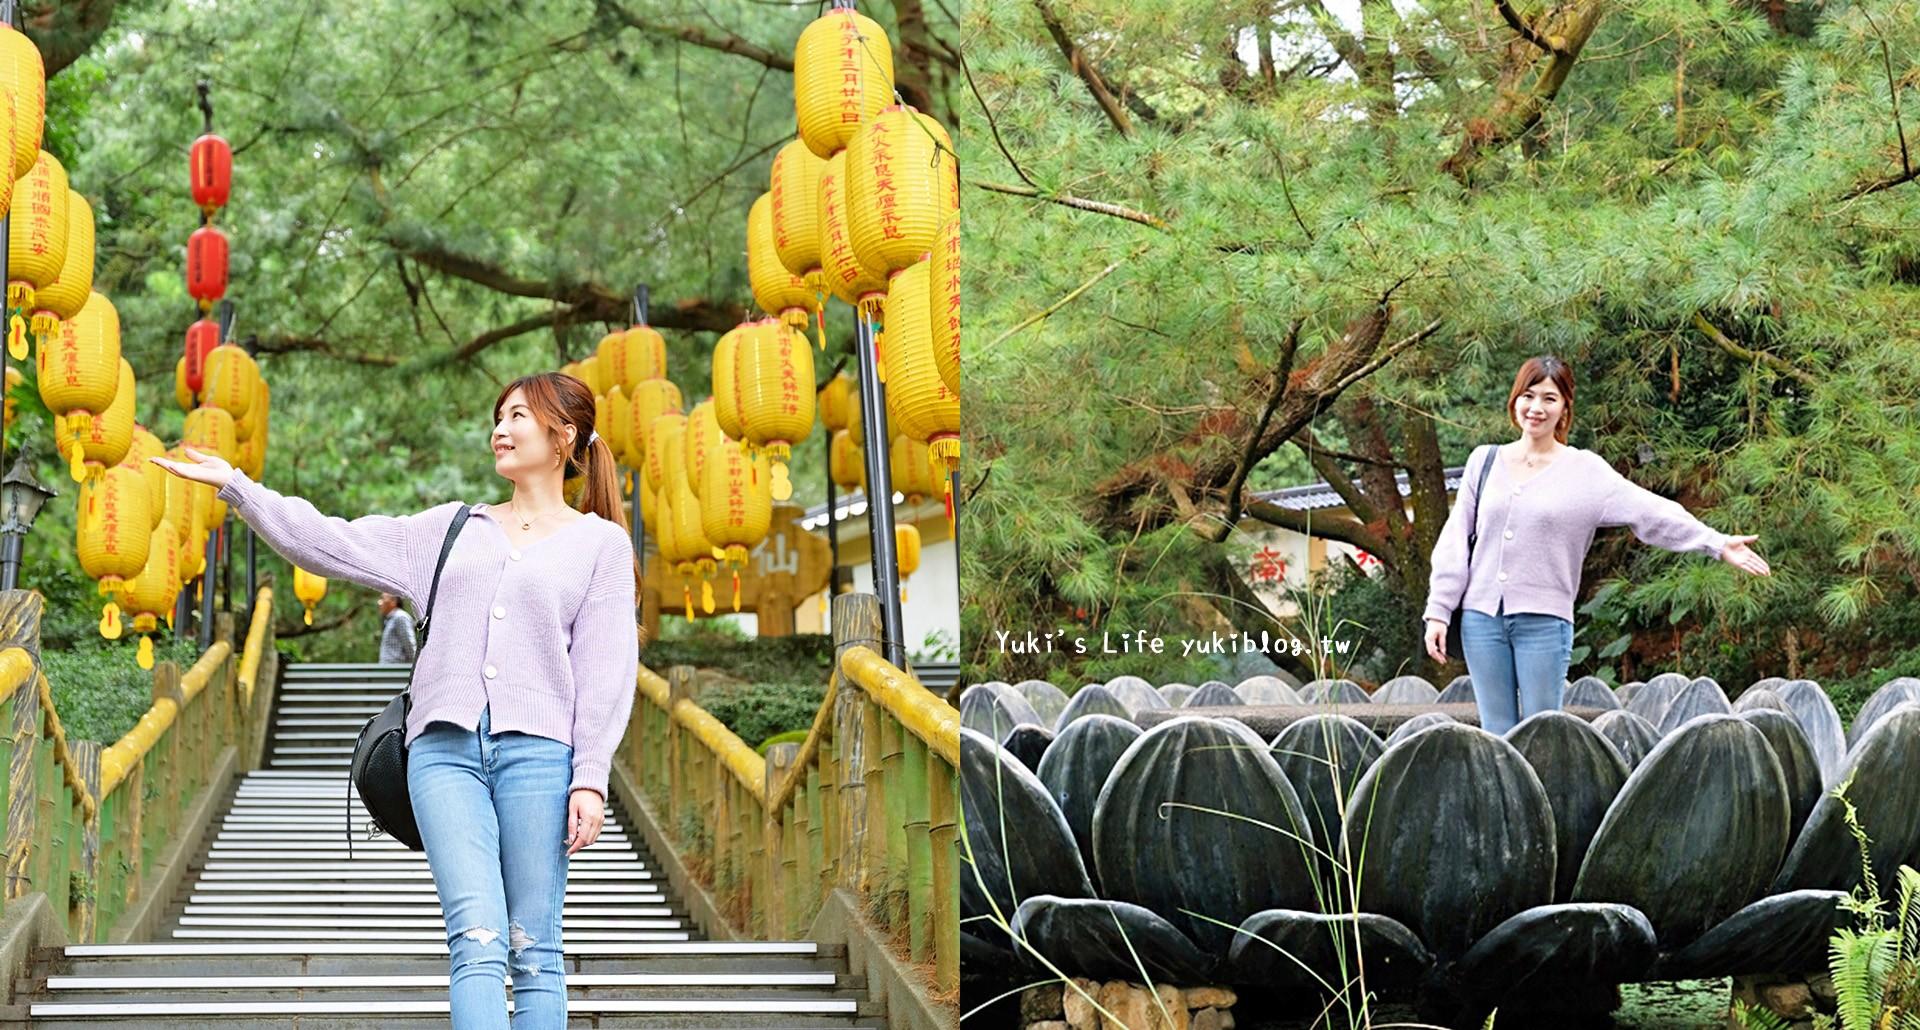 南投埔里2日遊懶人包》包含國姓鄉最新景點、親子美拍景點玩透透~這個行程還能採草莓~ - yukiblog.tw